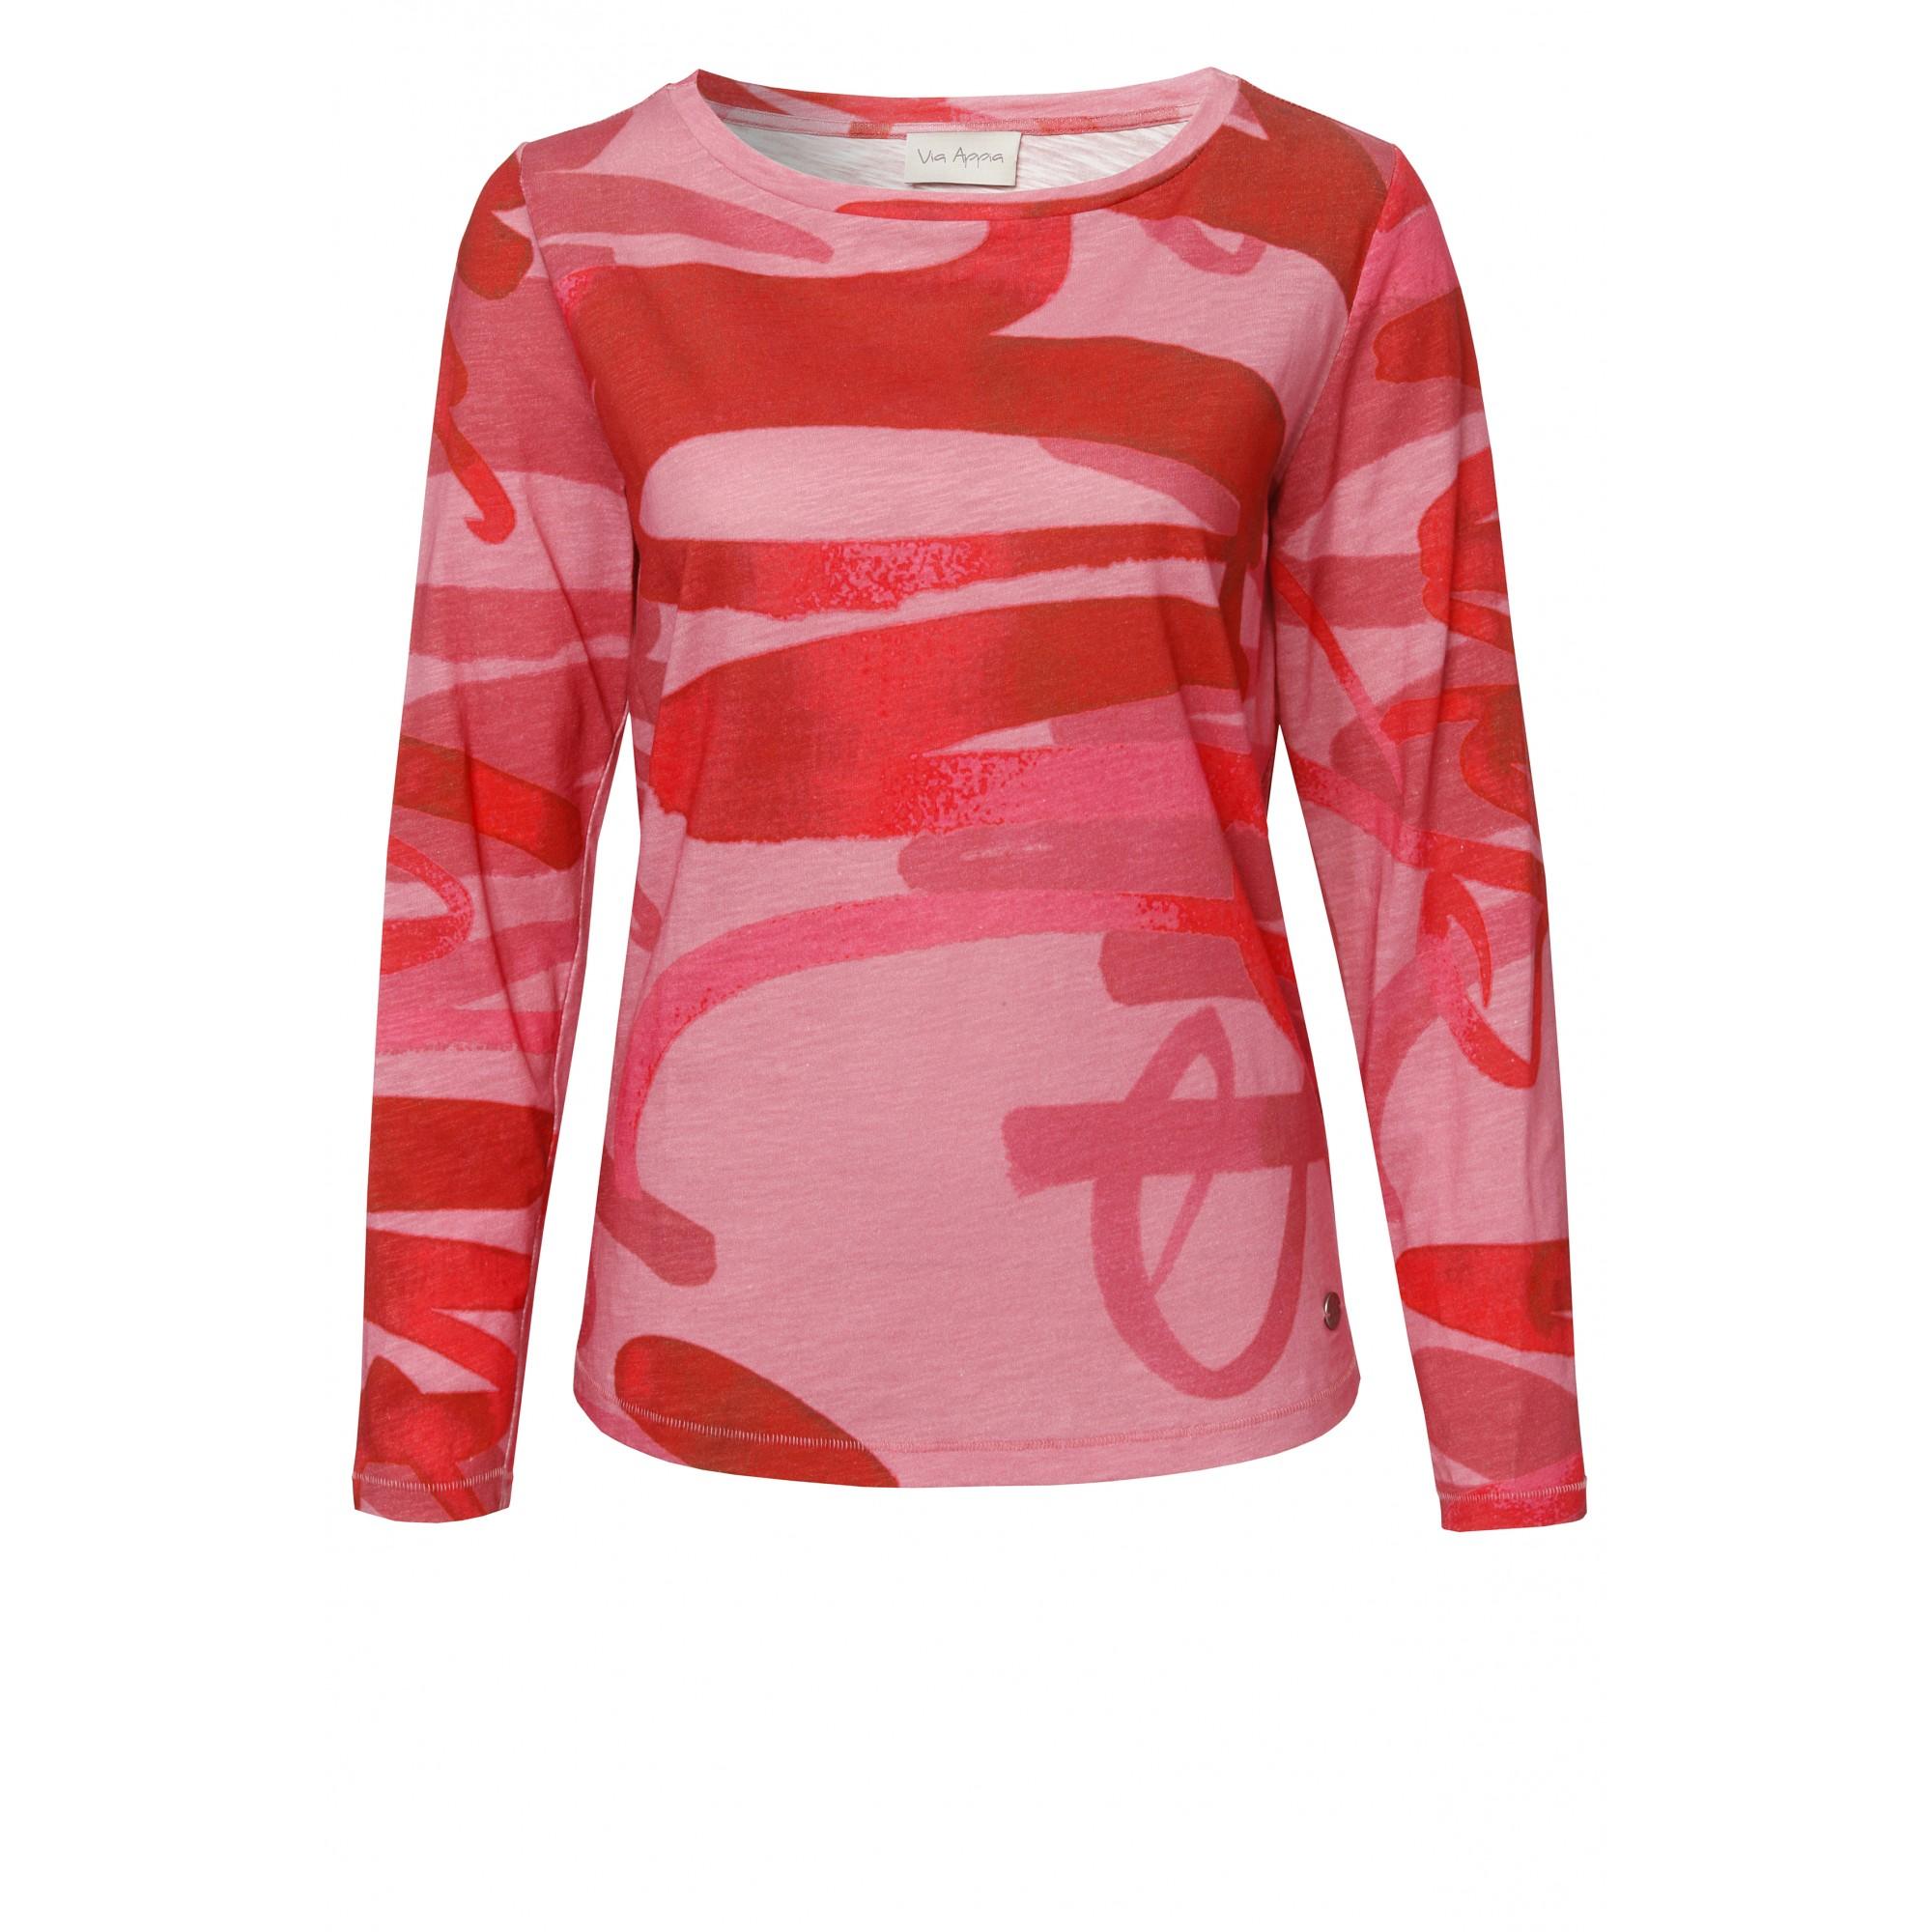 Modisches Shirt mit Muster